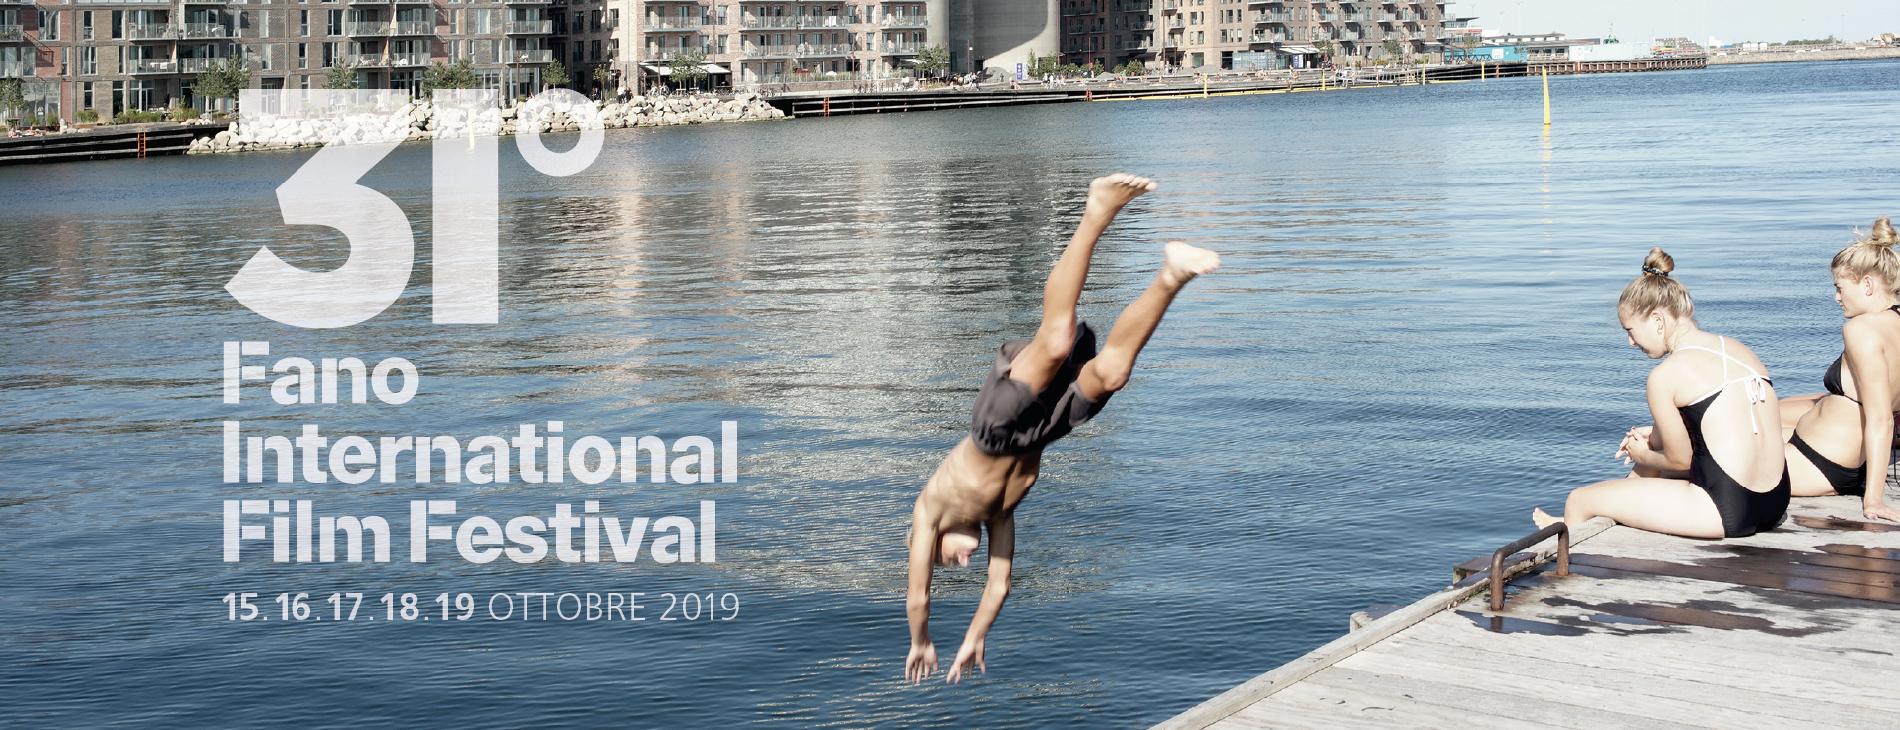 Fano Film Festival 2019